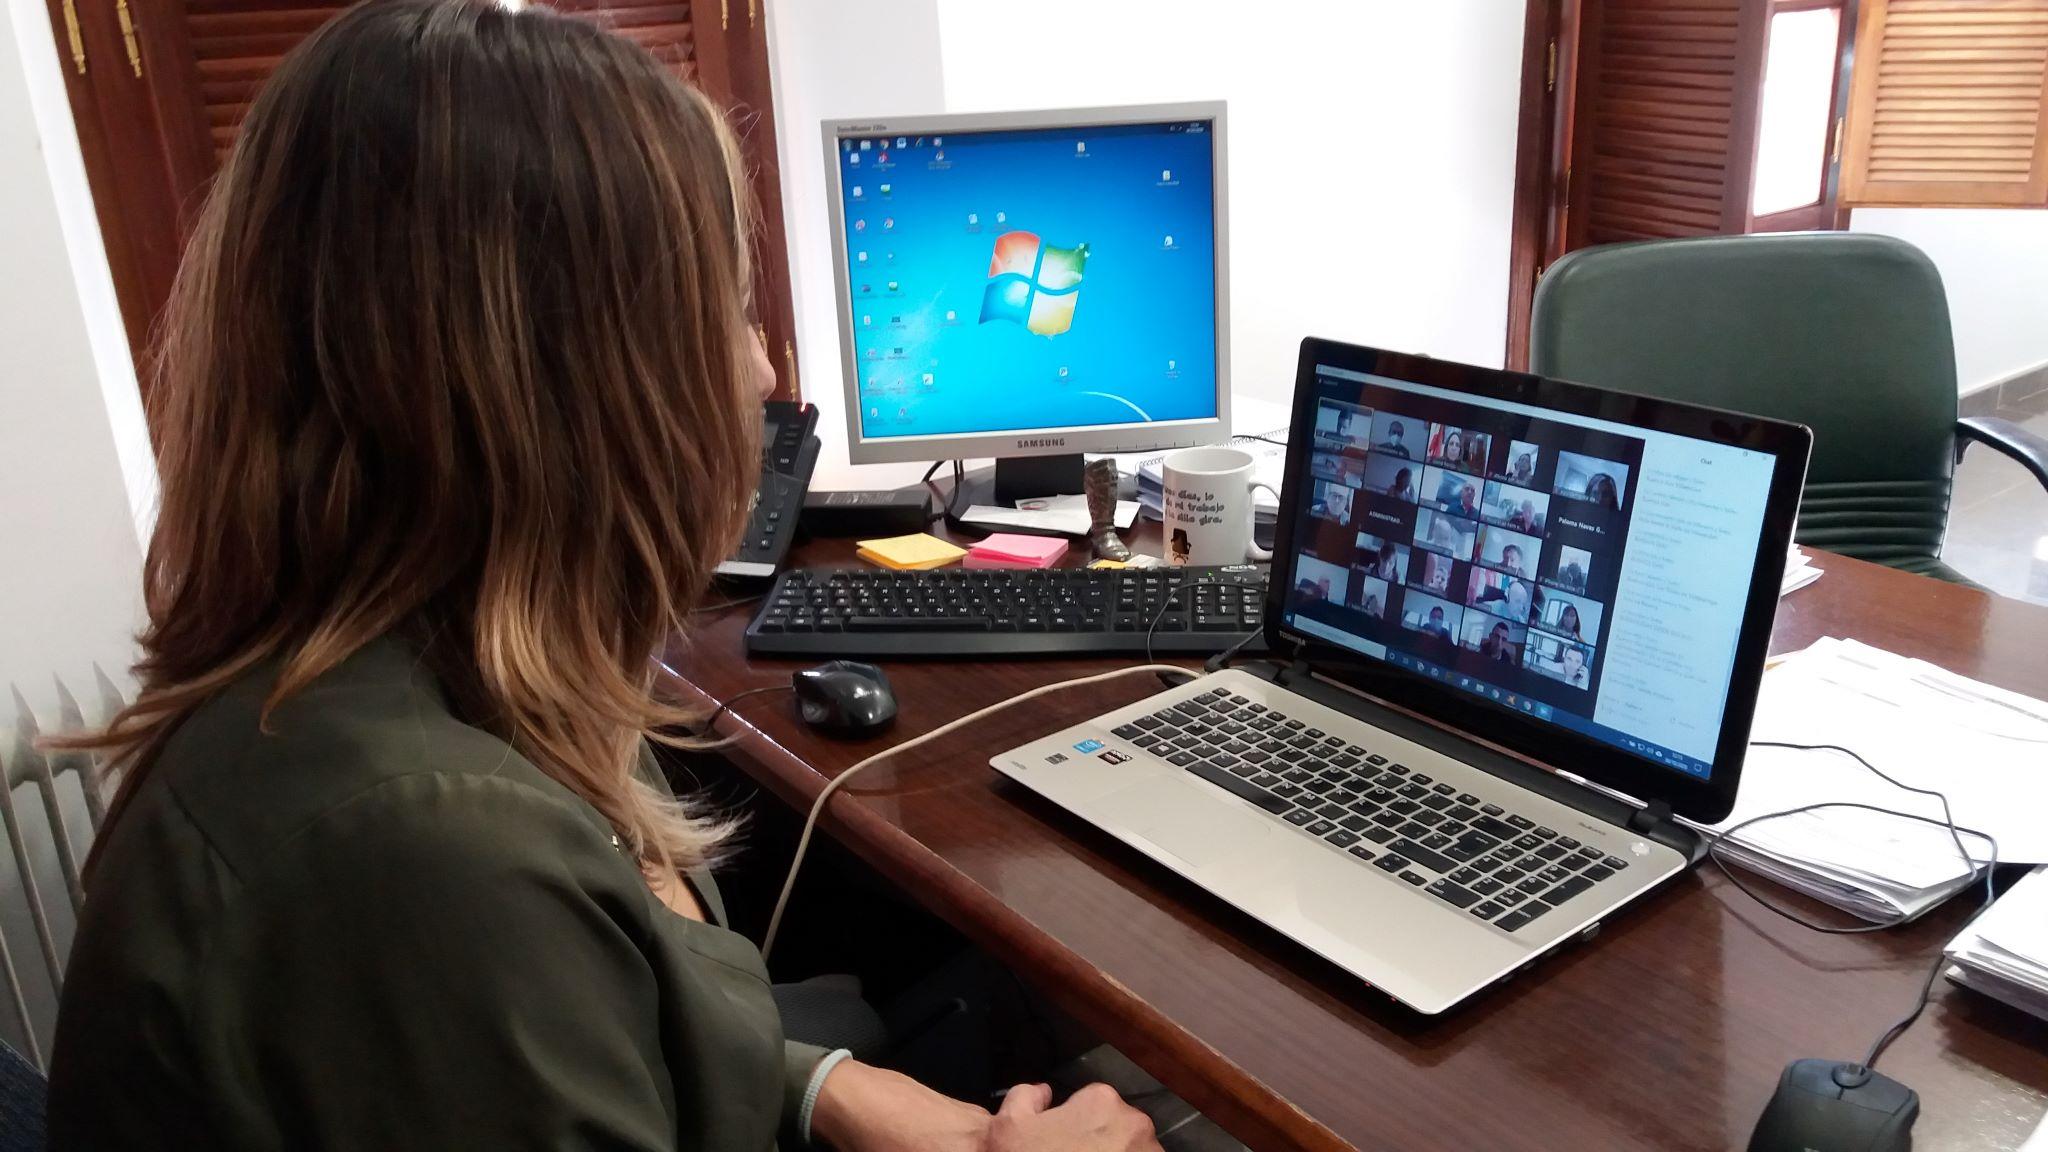 La alcaldesa de Solórzano, Gema Perojo, en la reunión virtual entre los municipios de Cantabria y la Directora General de Salud Pública, Paloma Navas.